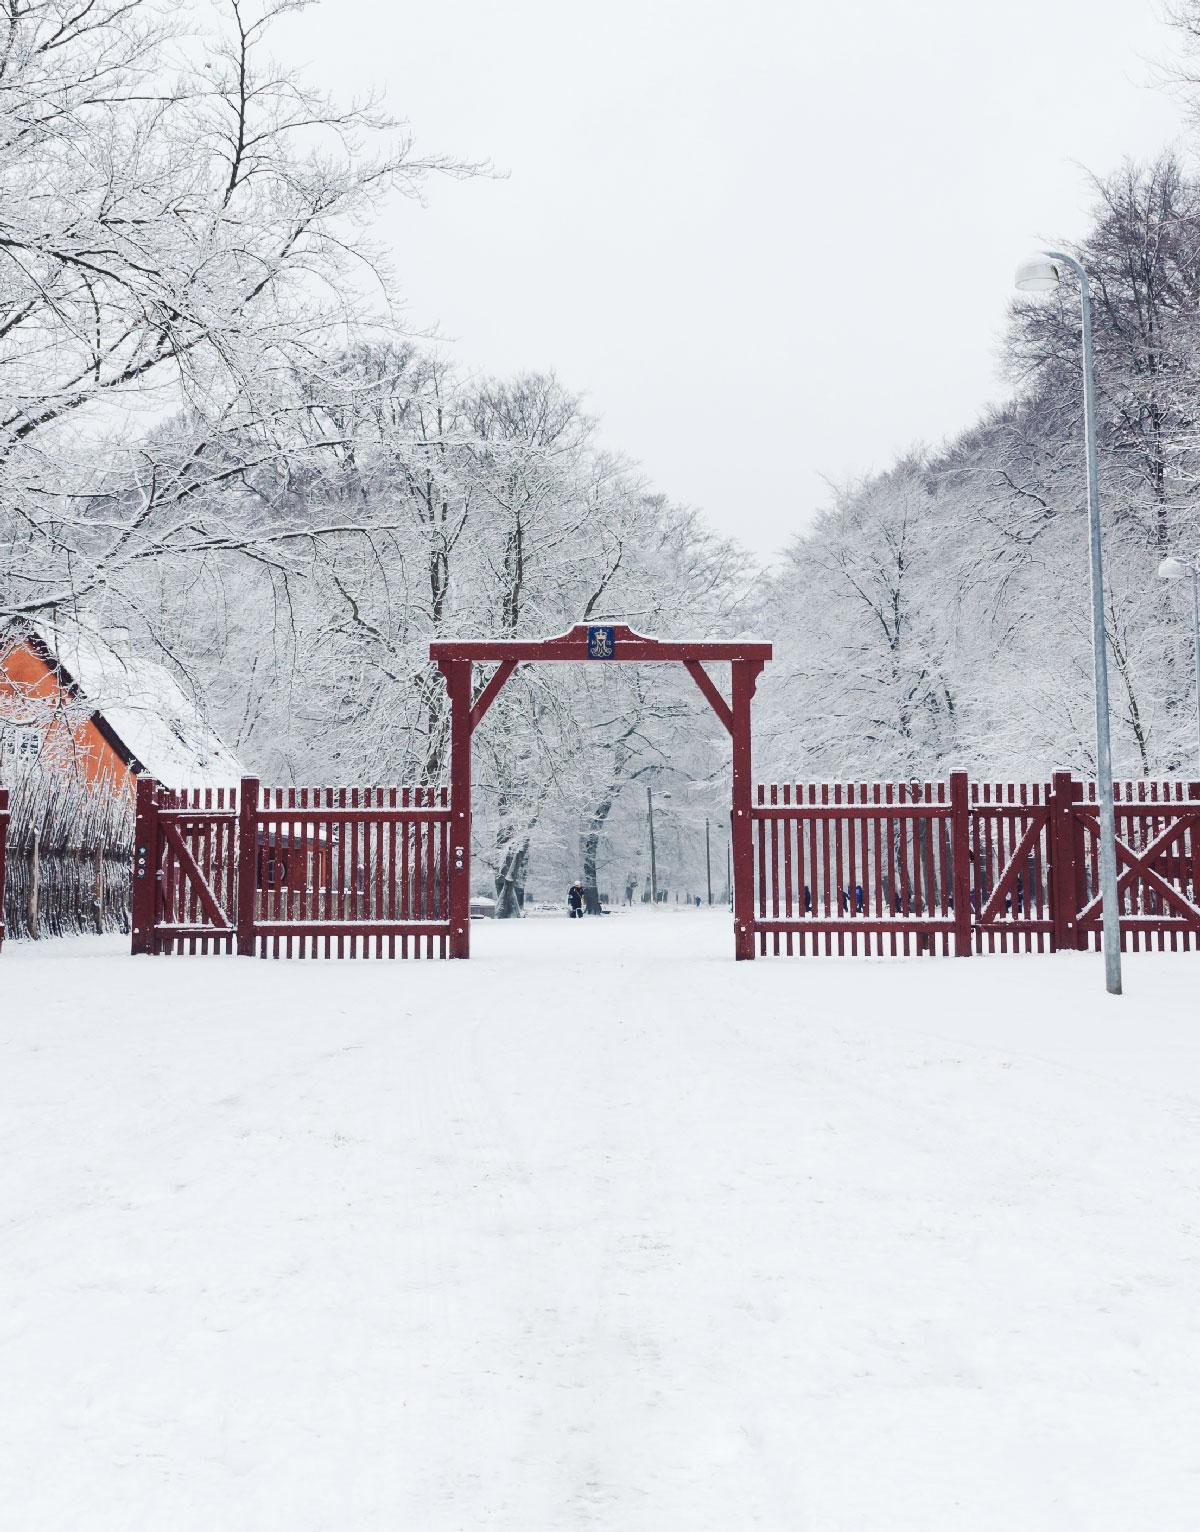 En af de karakteristiske røde porte, som fører ind til Jægersborg Dyrehave. Porten og det øvrige landskab er sneklædt.